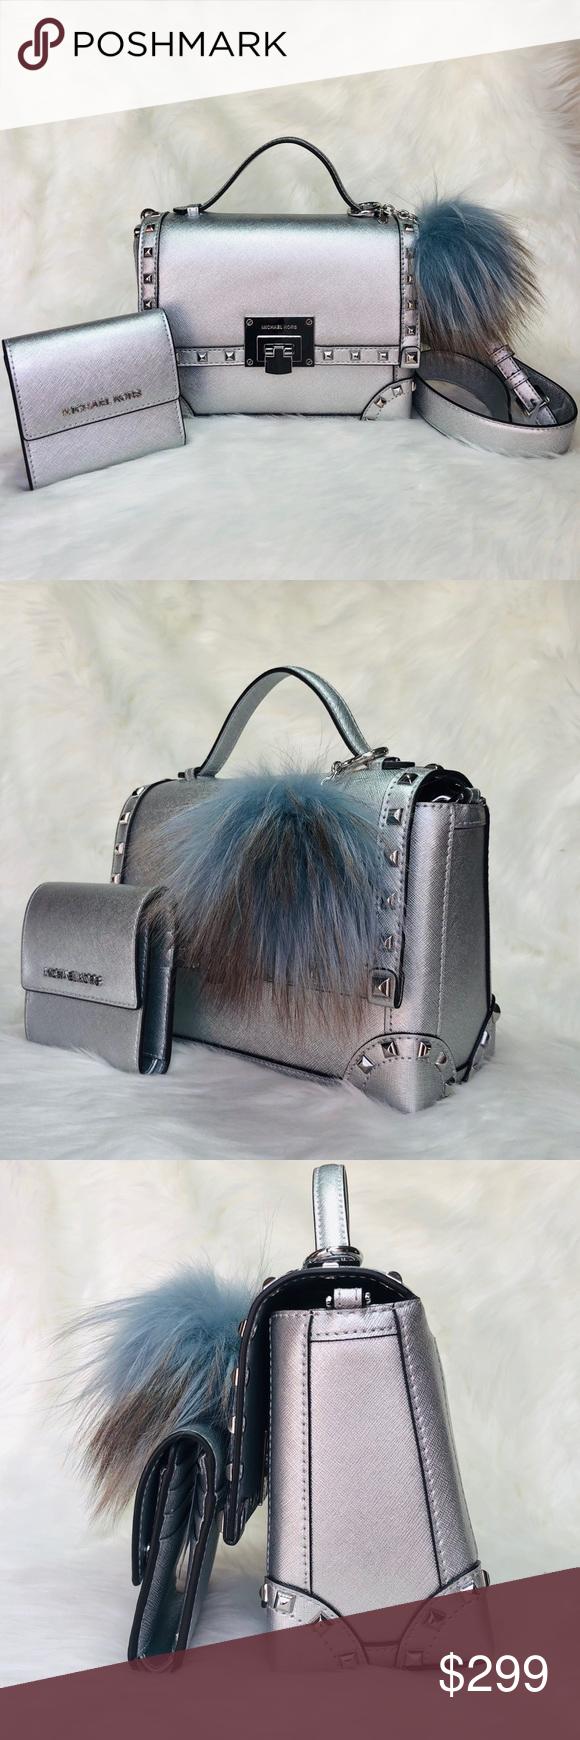 940c45ecf3d45 3PCS Michael Kors Tina Studded Bag Wallet Charms MK Tina Small Studded  Trunk Bag and Wallet